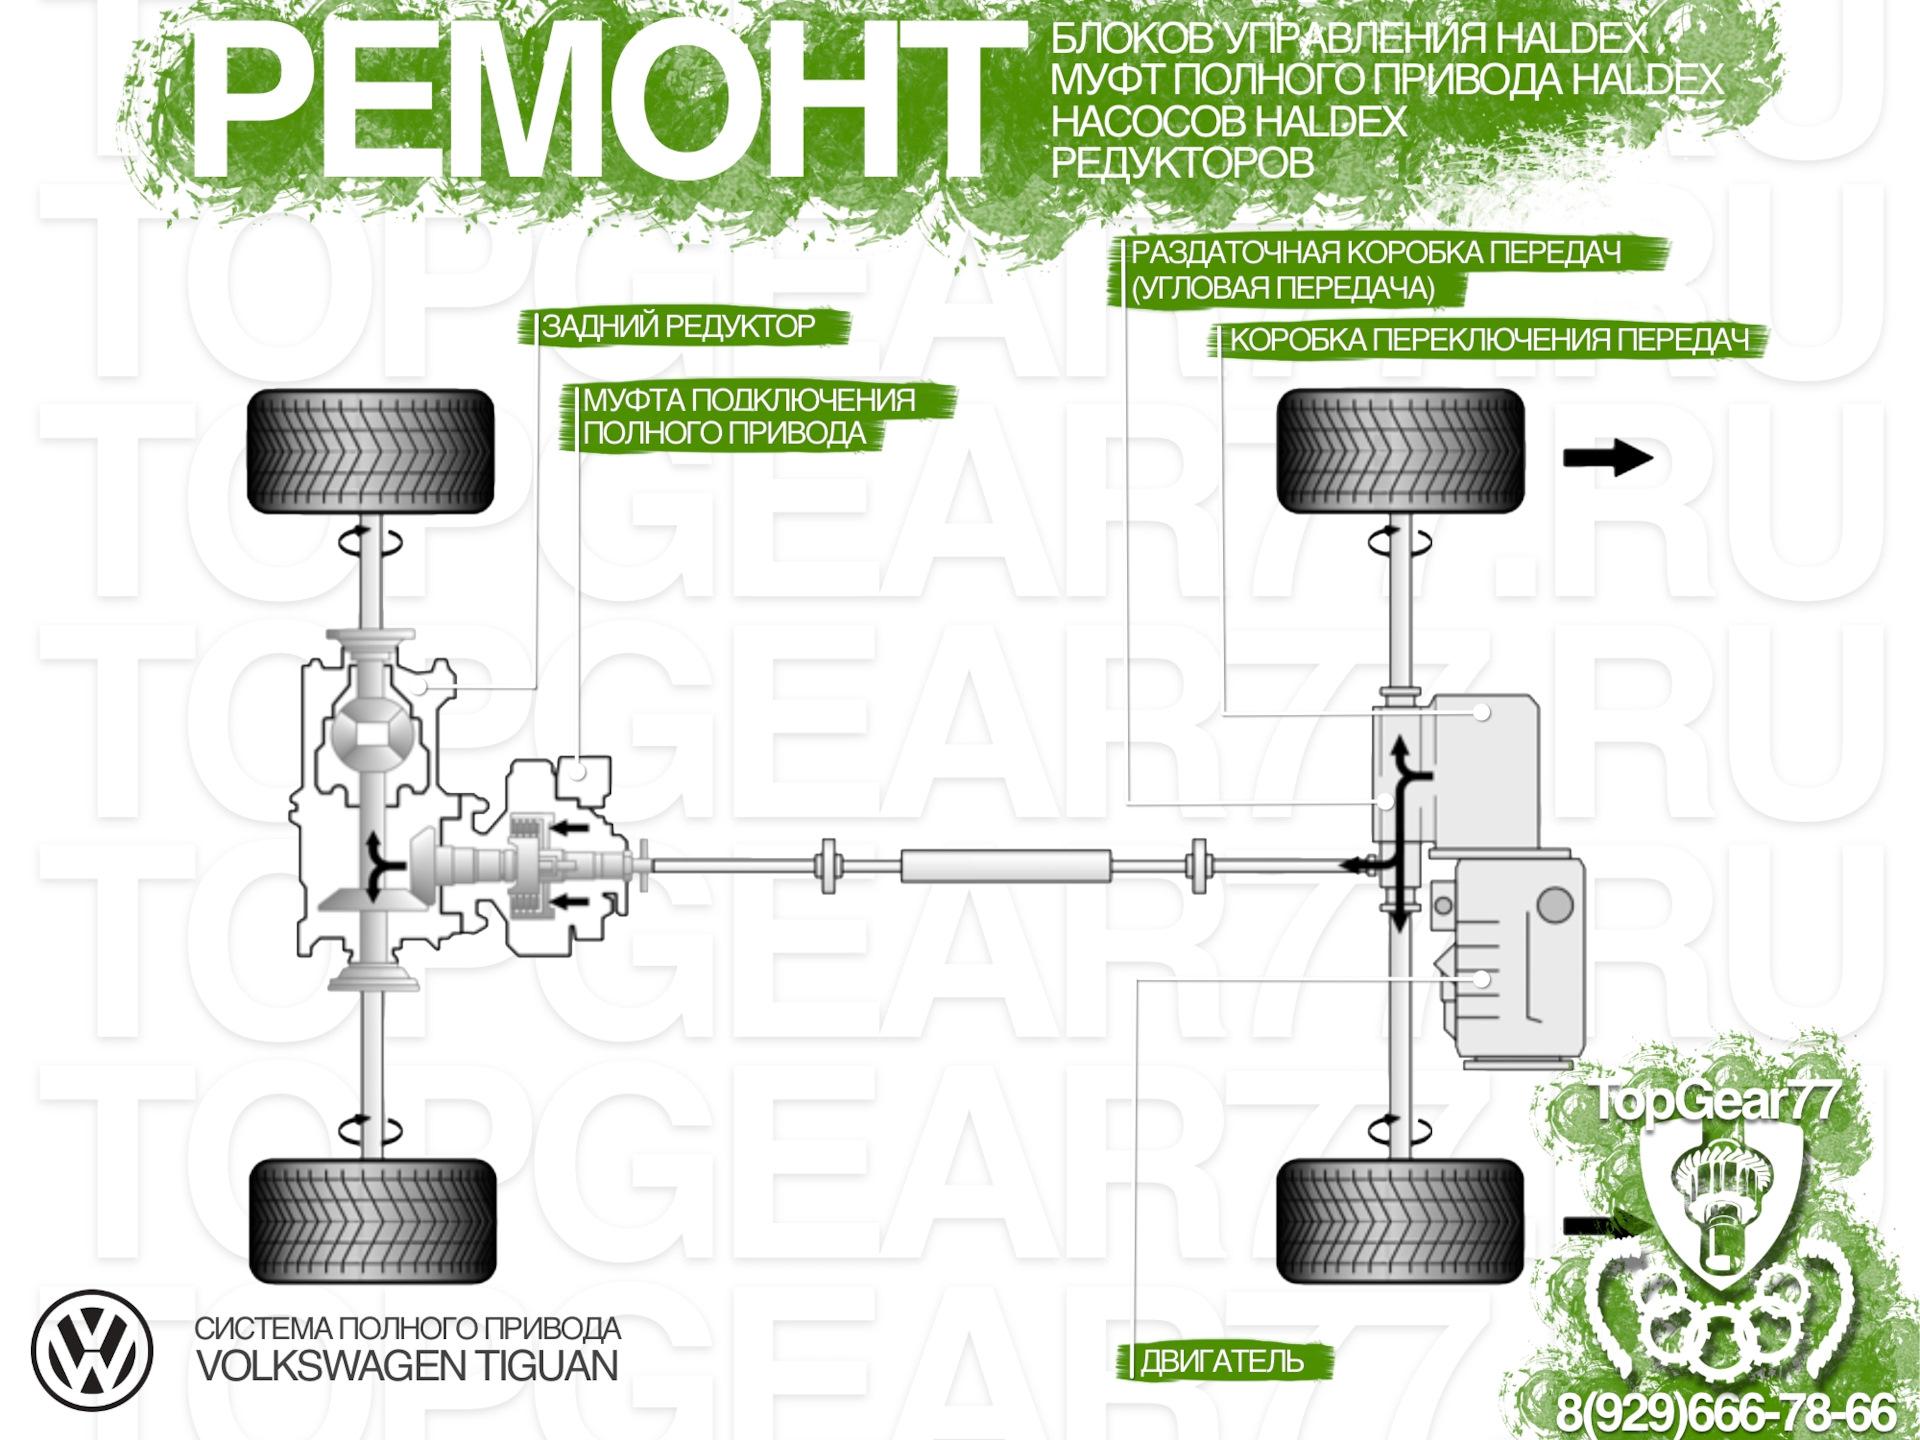 Система полного привода фольксваген транспортер купить по крыму фольксваген транспортер т4